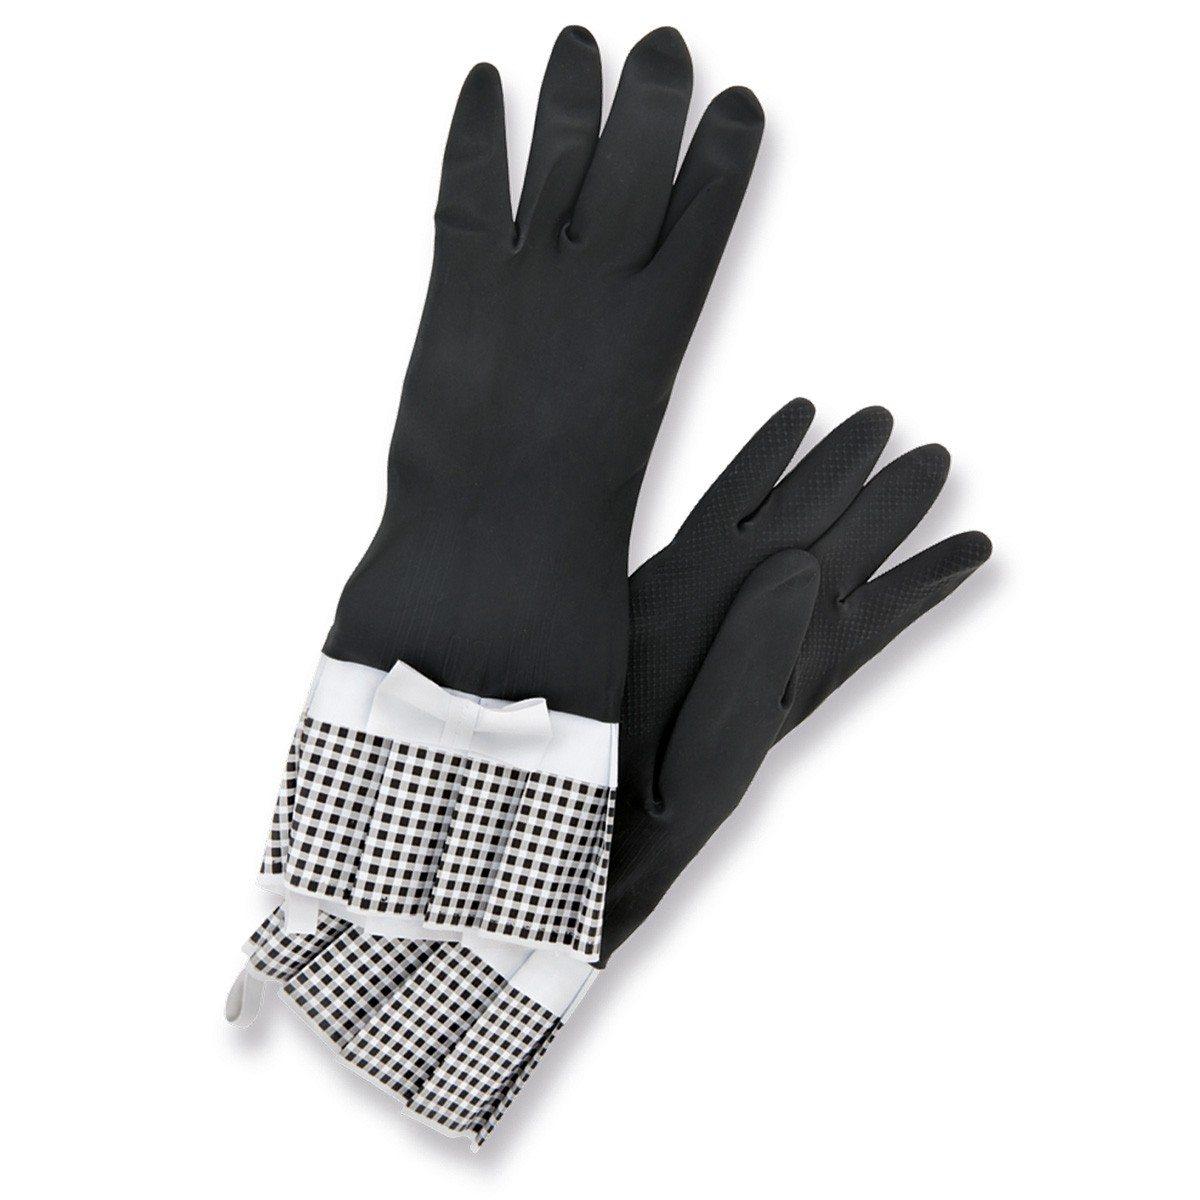 Schoonmaak handschoen in stijl van de jaren '50